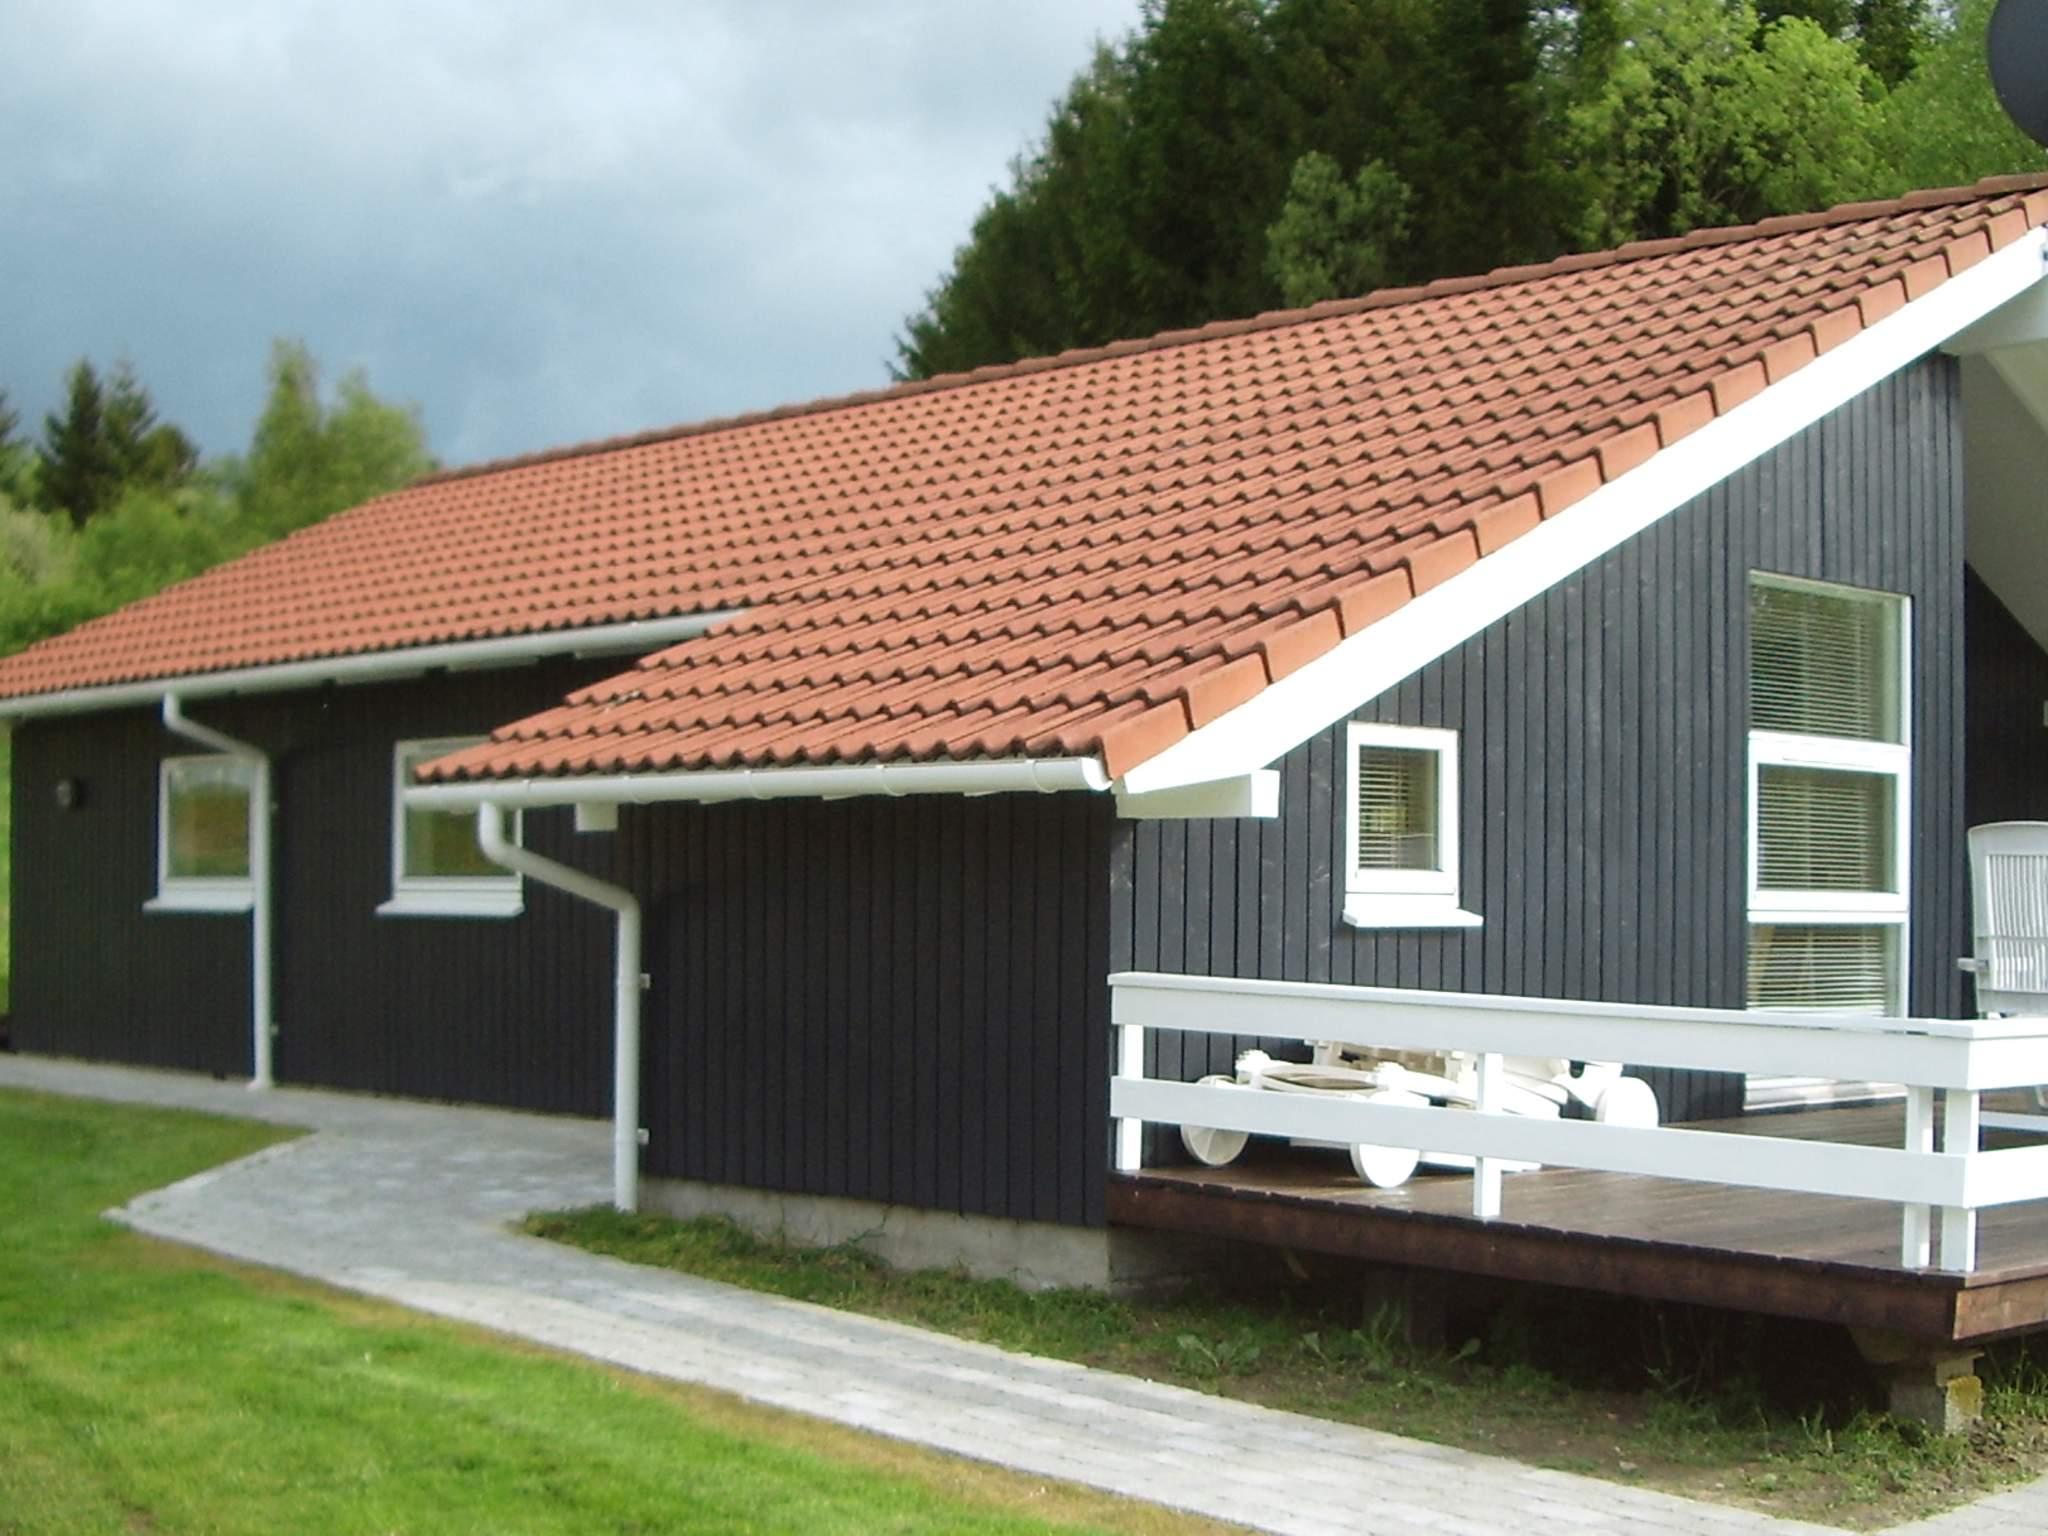 Ferienhaus Silkeborg (84068), Silkeborg, , Ostjütland, Dänemark, Bild 17